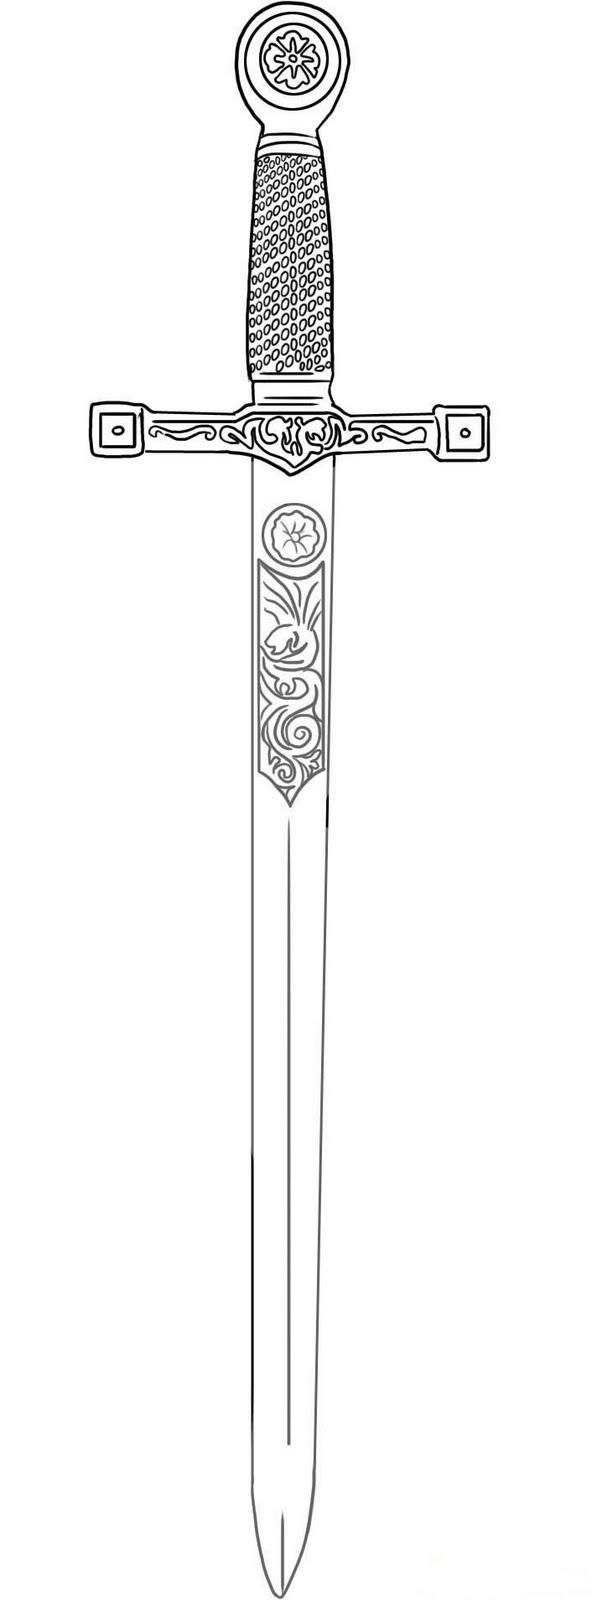 Dessins Gratuits À Colorier - Coloriage Excalibur À Imprimer pour Coloriage D Épée